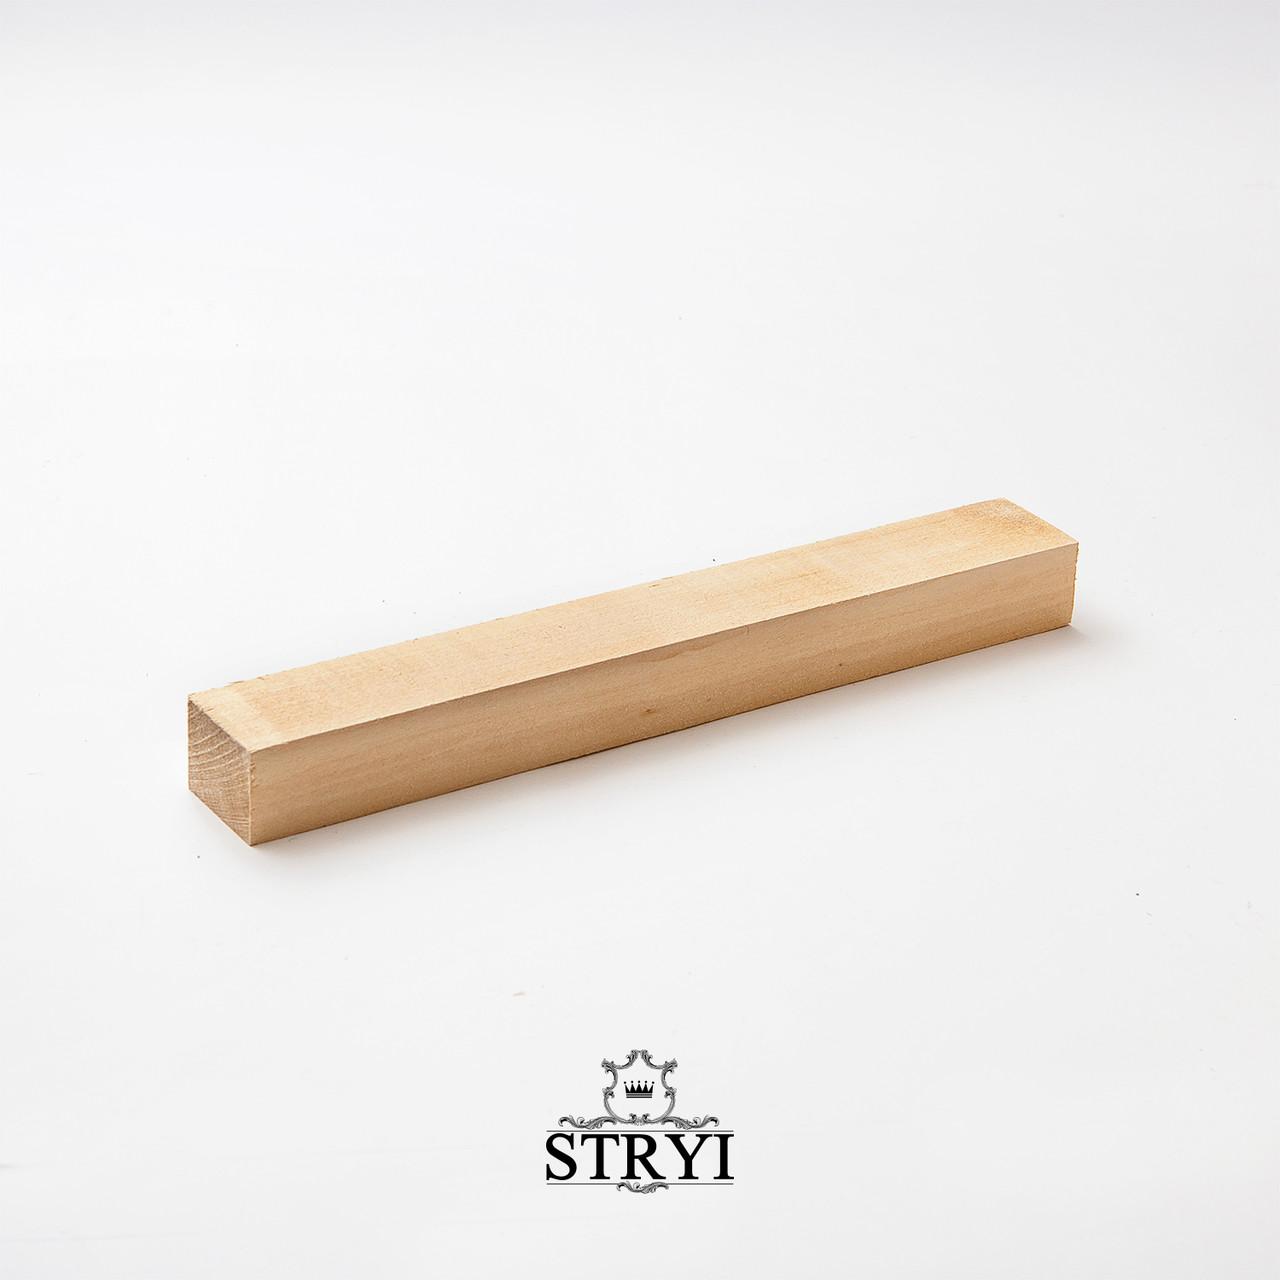 Заготовка бруса из липы 300*30*40, STRYI, для резьбы фигурок, статуэток и других изделий